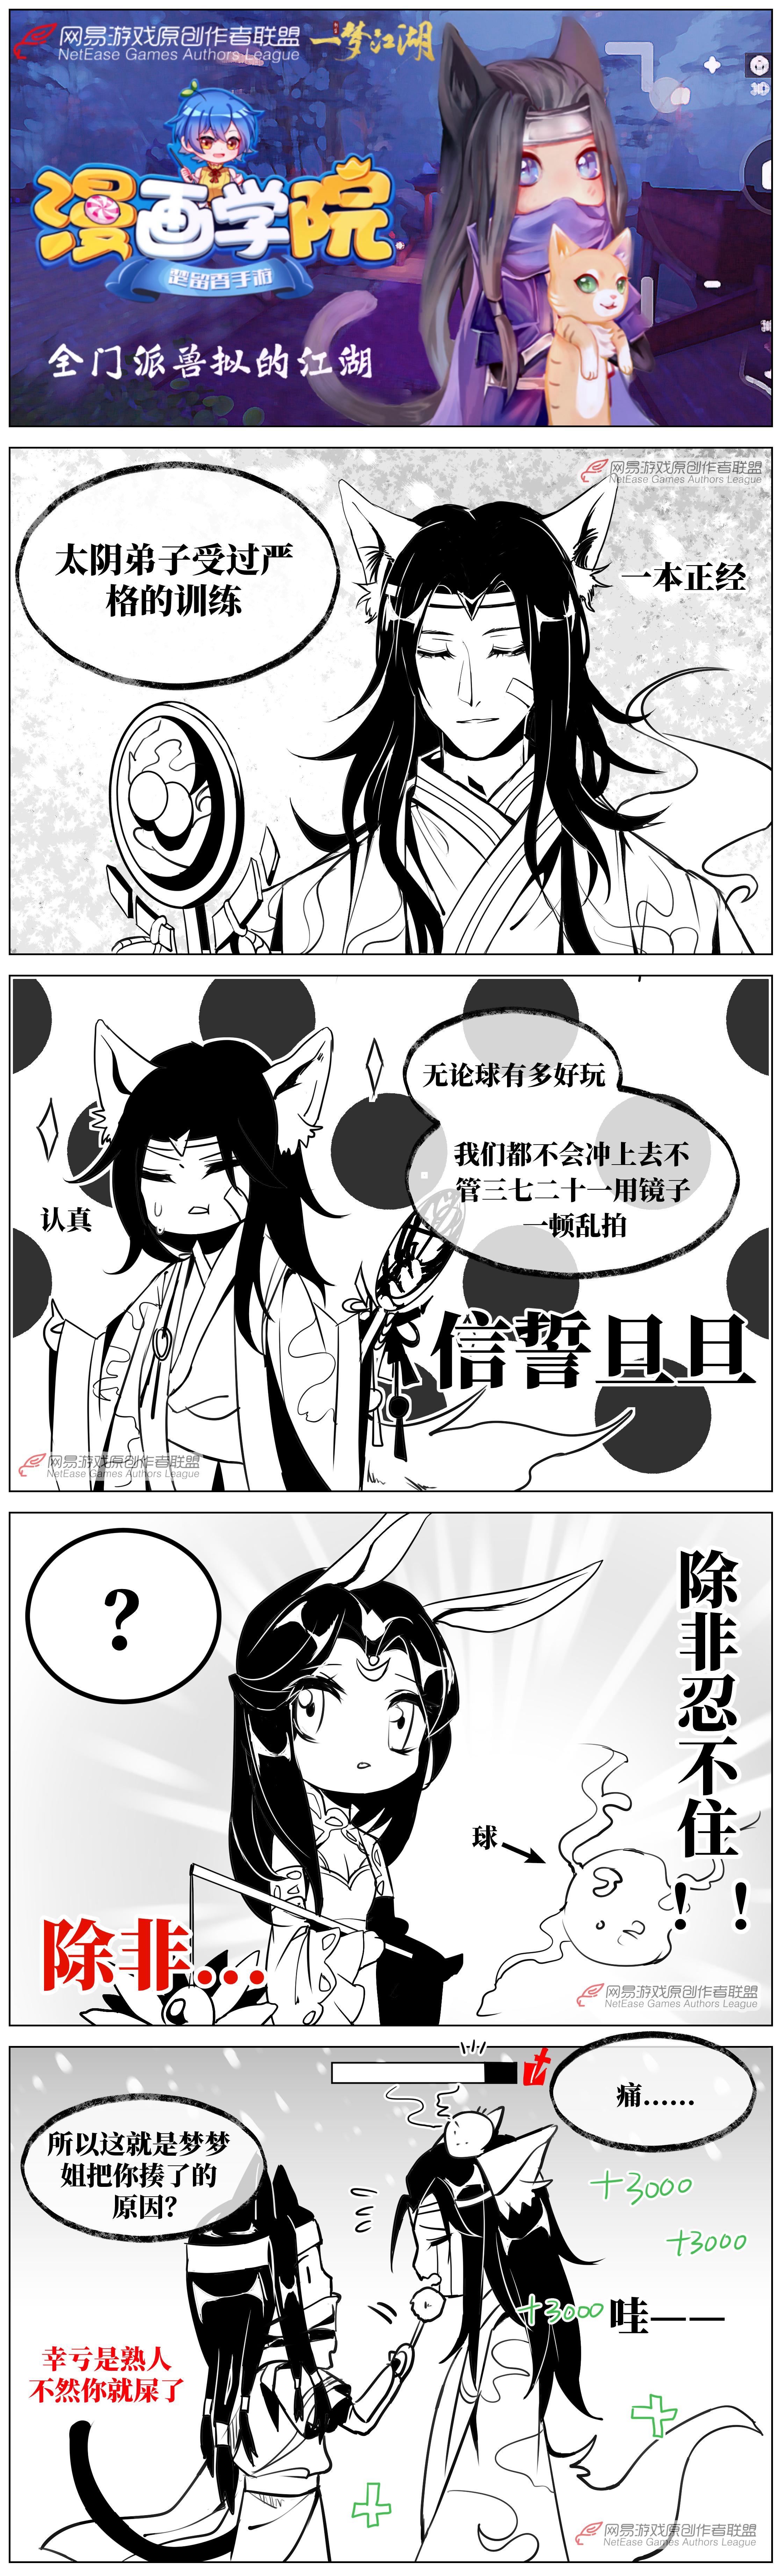 【原创作者联盟】【漫画学院】美人鱼名场面:太阴的执念